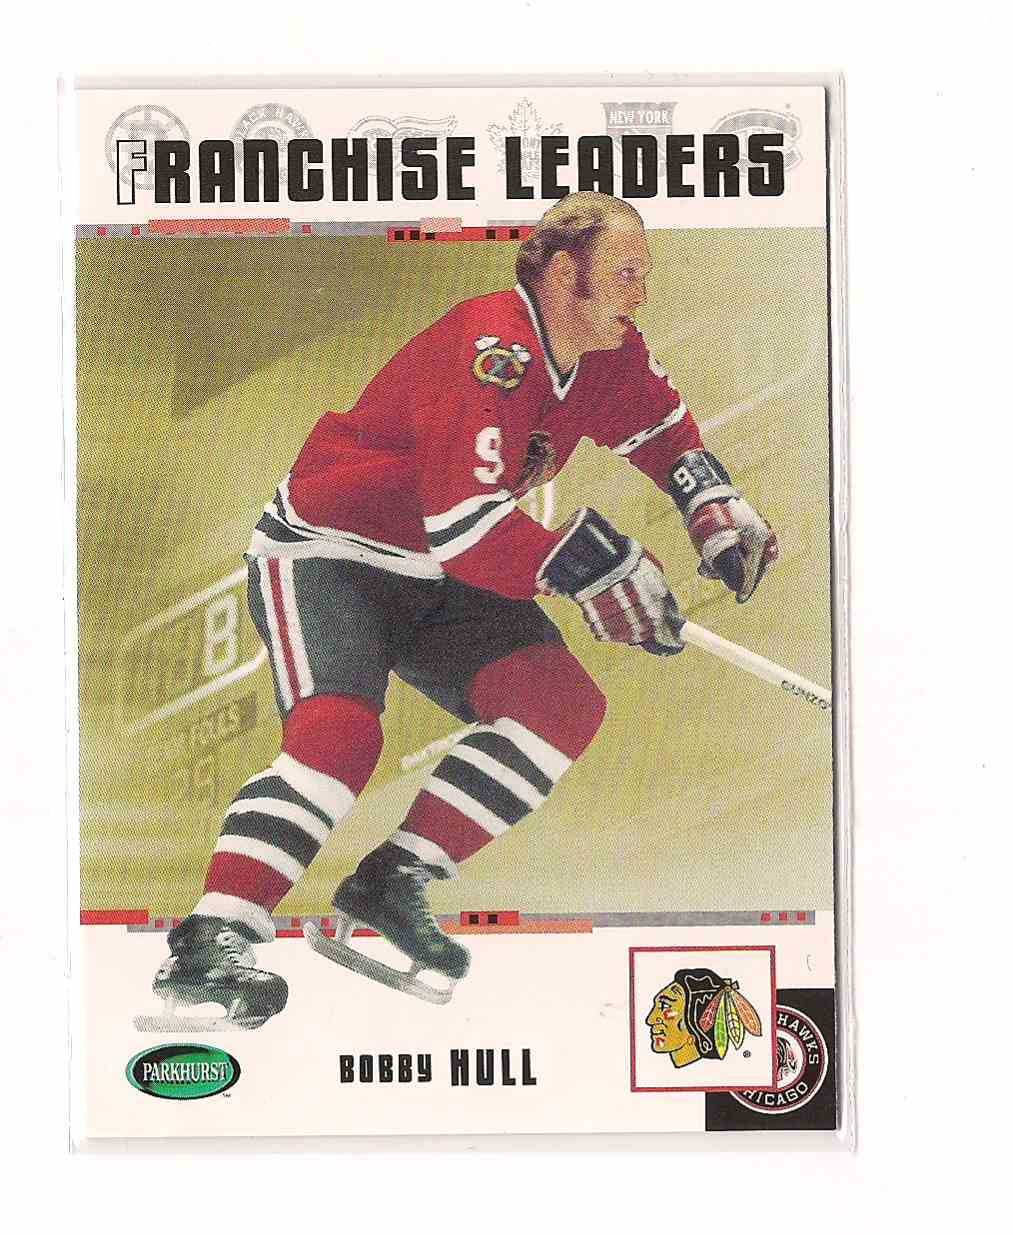 2003-04 Parkhurst Original Six Chicago Blackhawks Franchise Leaders Bobby  Hull  95 card front 789c70c5b